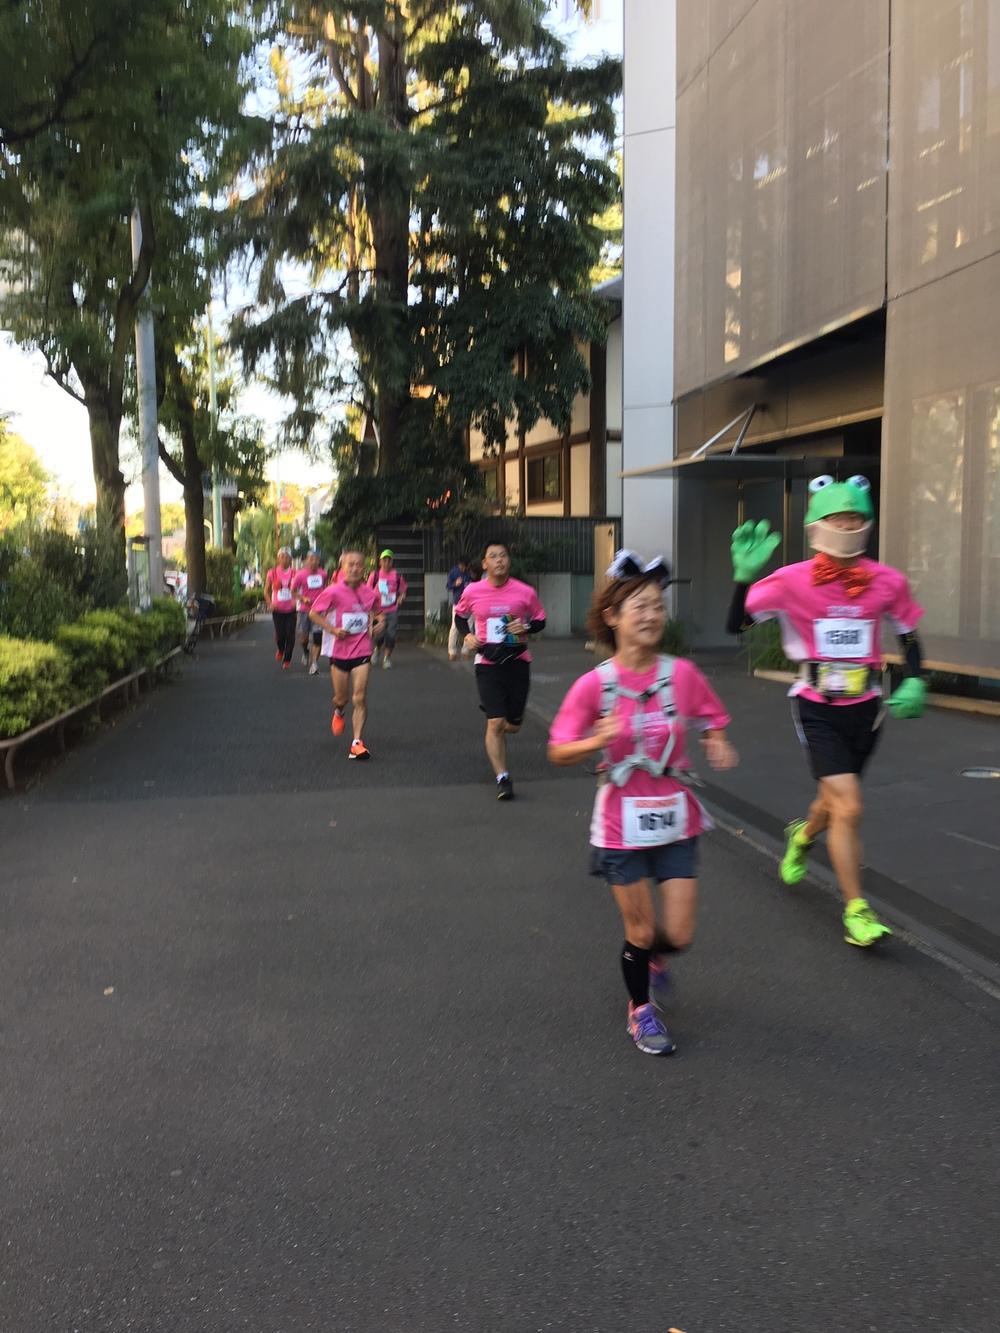 Tokyo marathon in costume